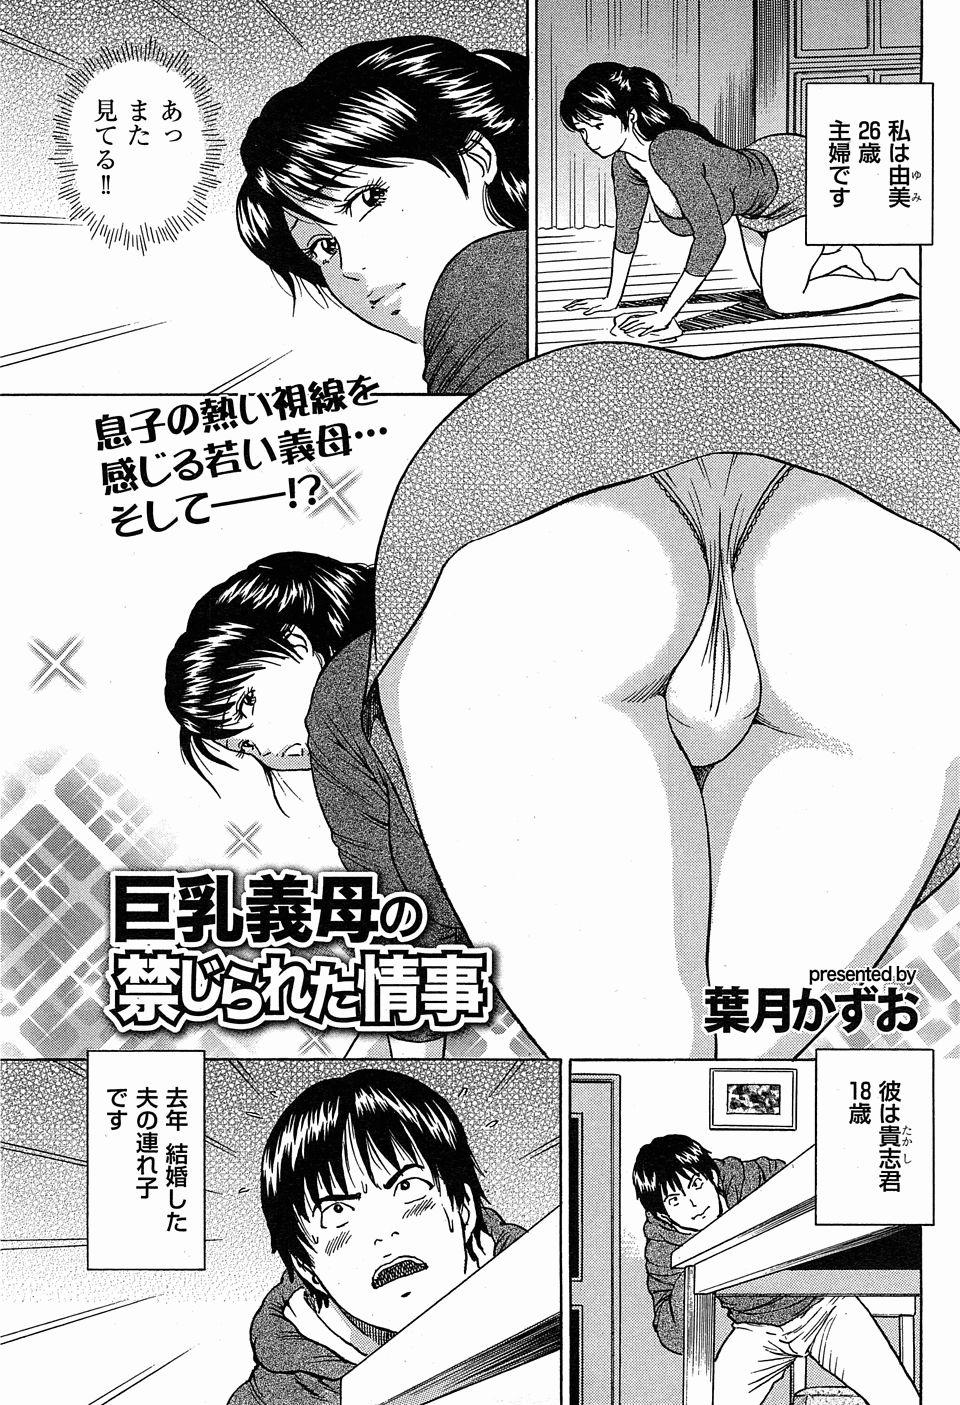 【エロ漫画・エロ同人誌】巨乳母が旦那の連れ子が自分の下着でオナニーしてるのを気づいてオナニーしだしたwww (1)